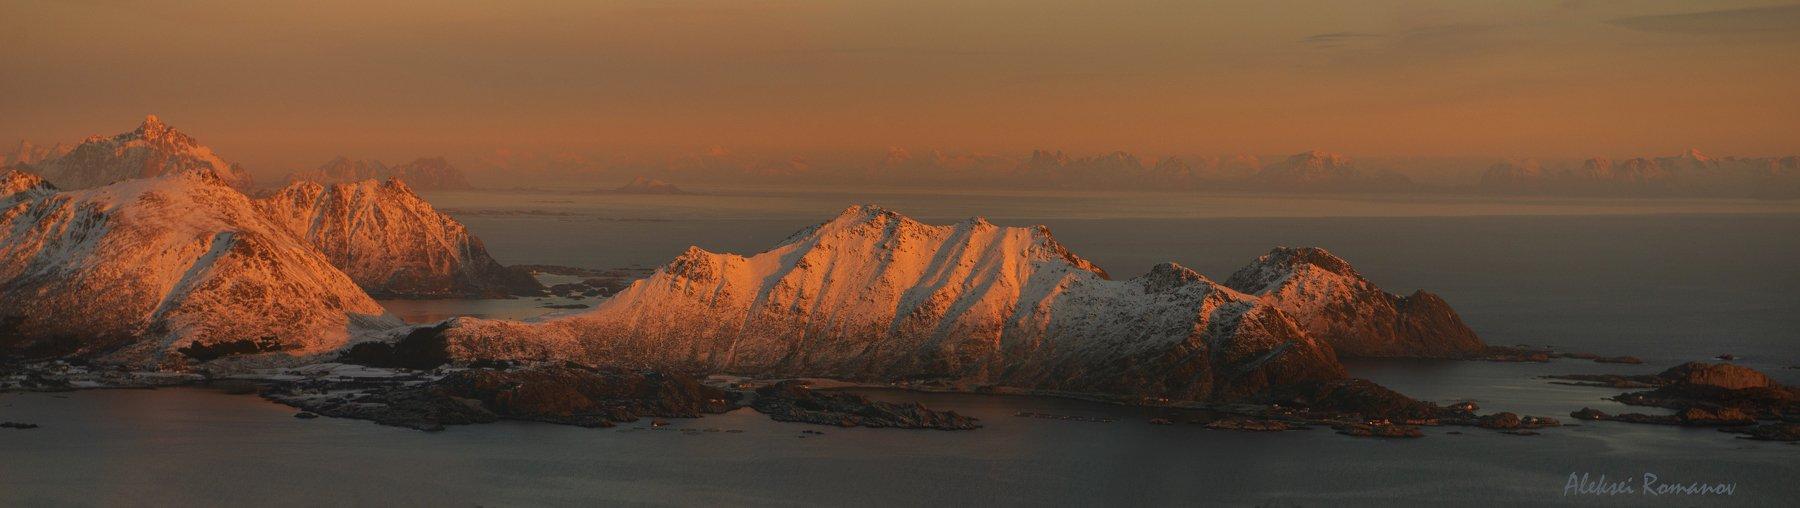 природа, путешествия, закат, горы, лофотенские острова, Алексей Романов